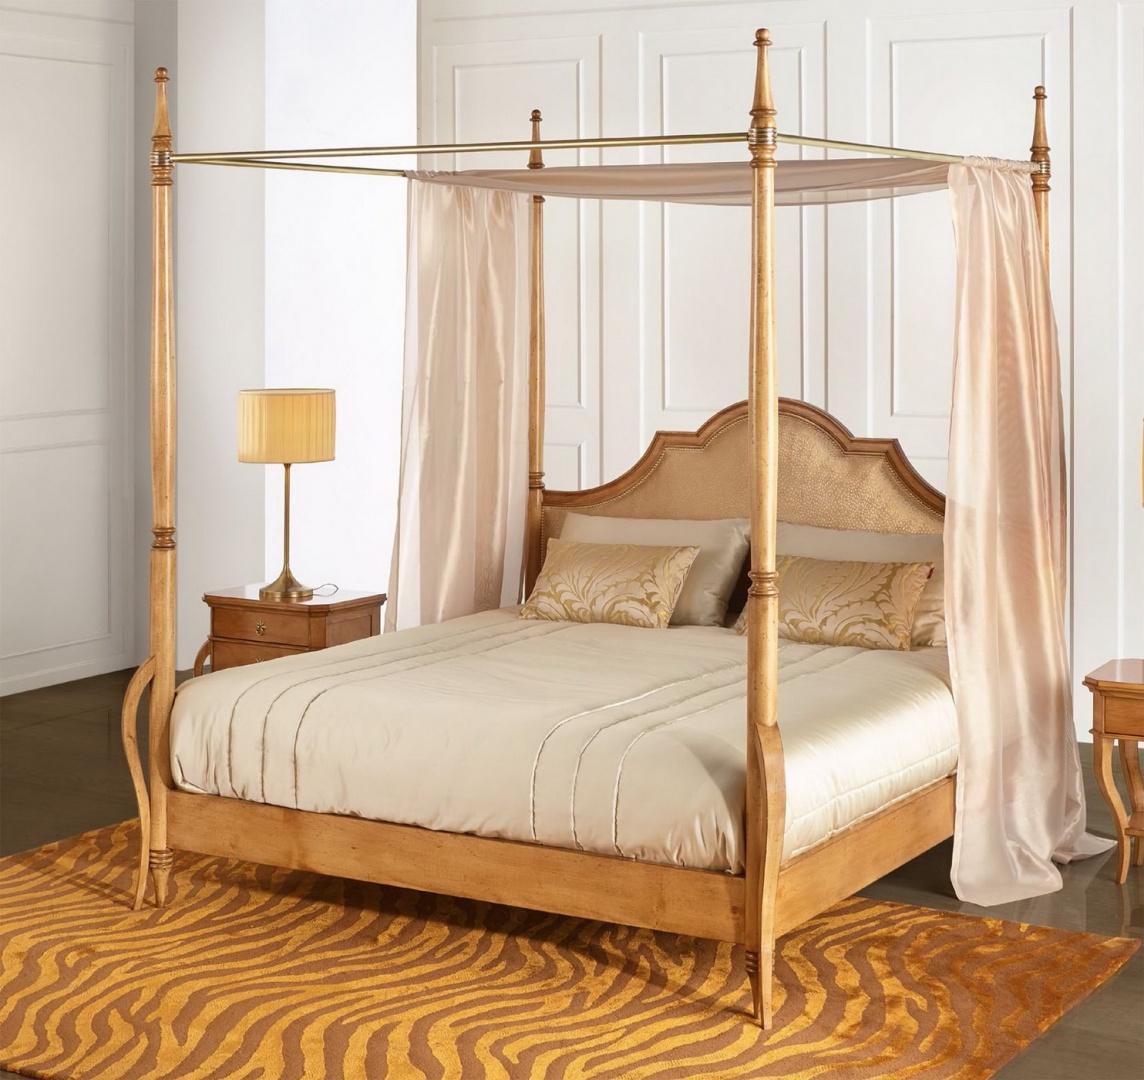 LIBERTY кровать с балдахином 180х200 18005SSE.T85